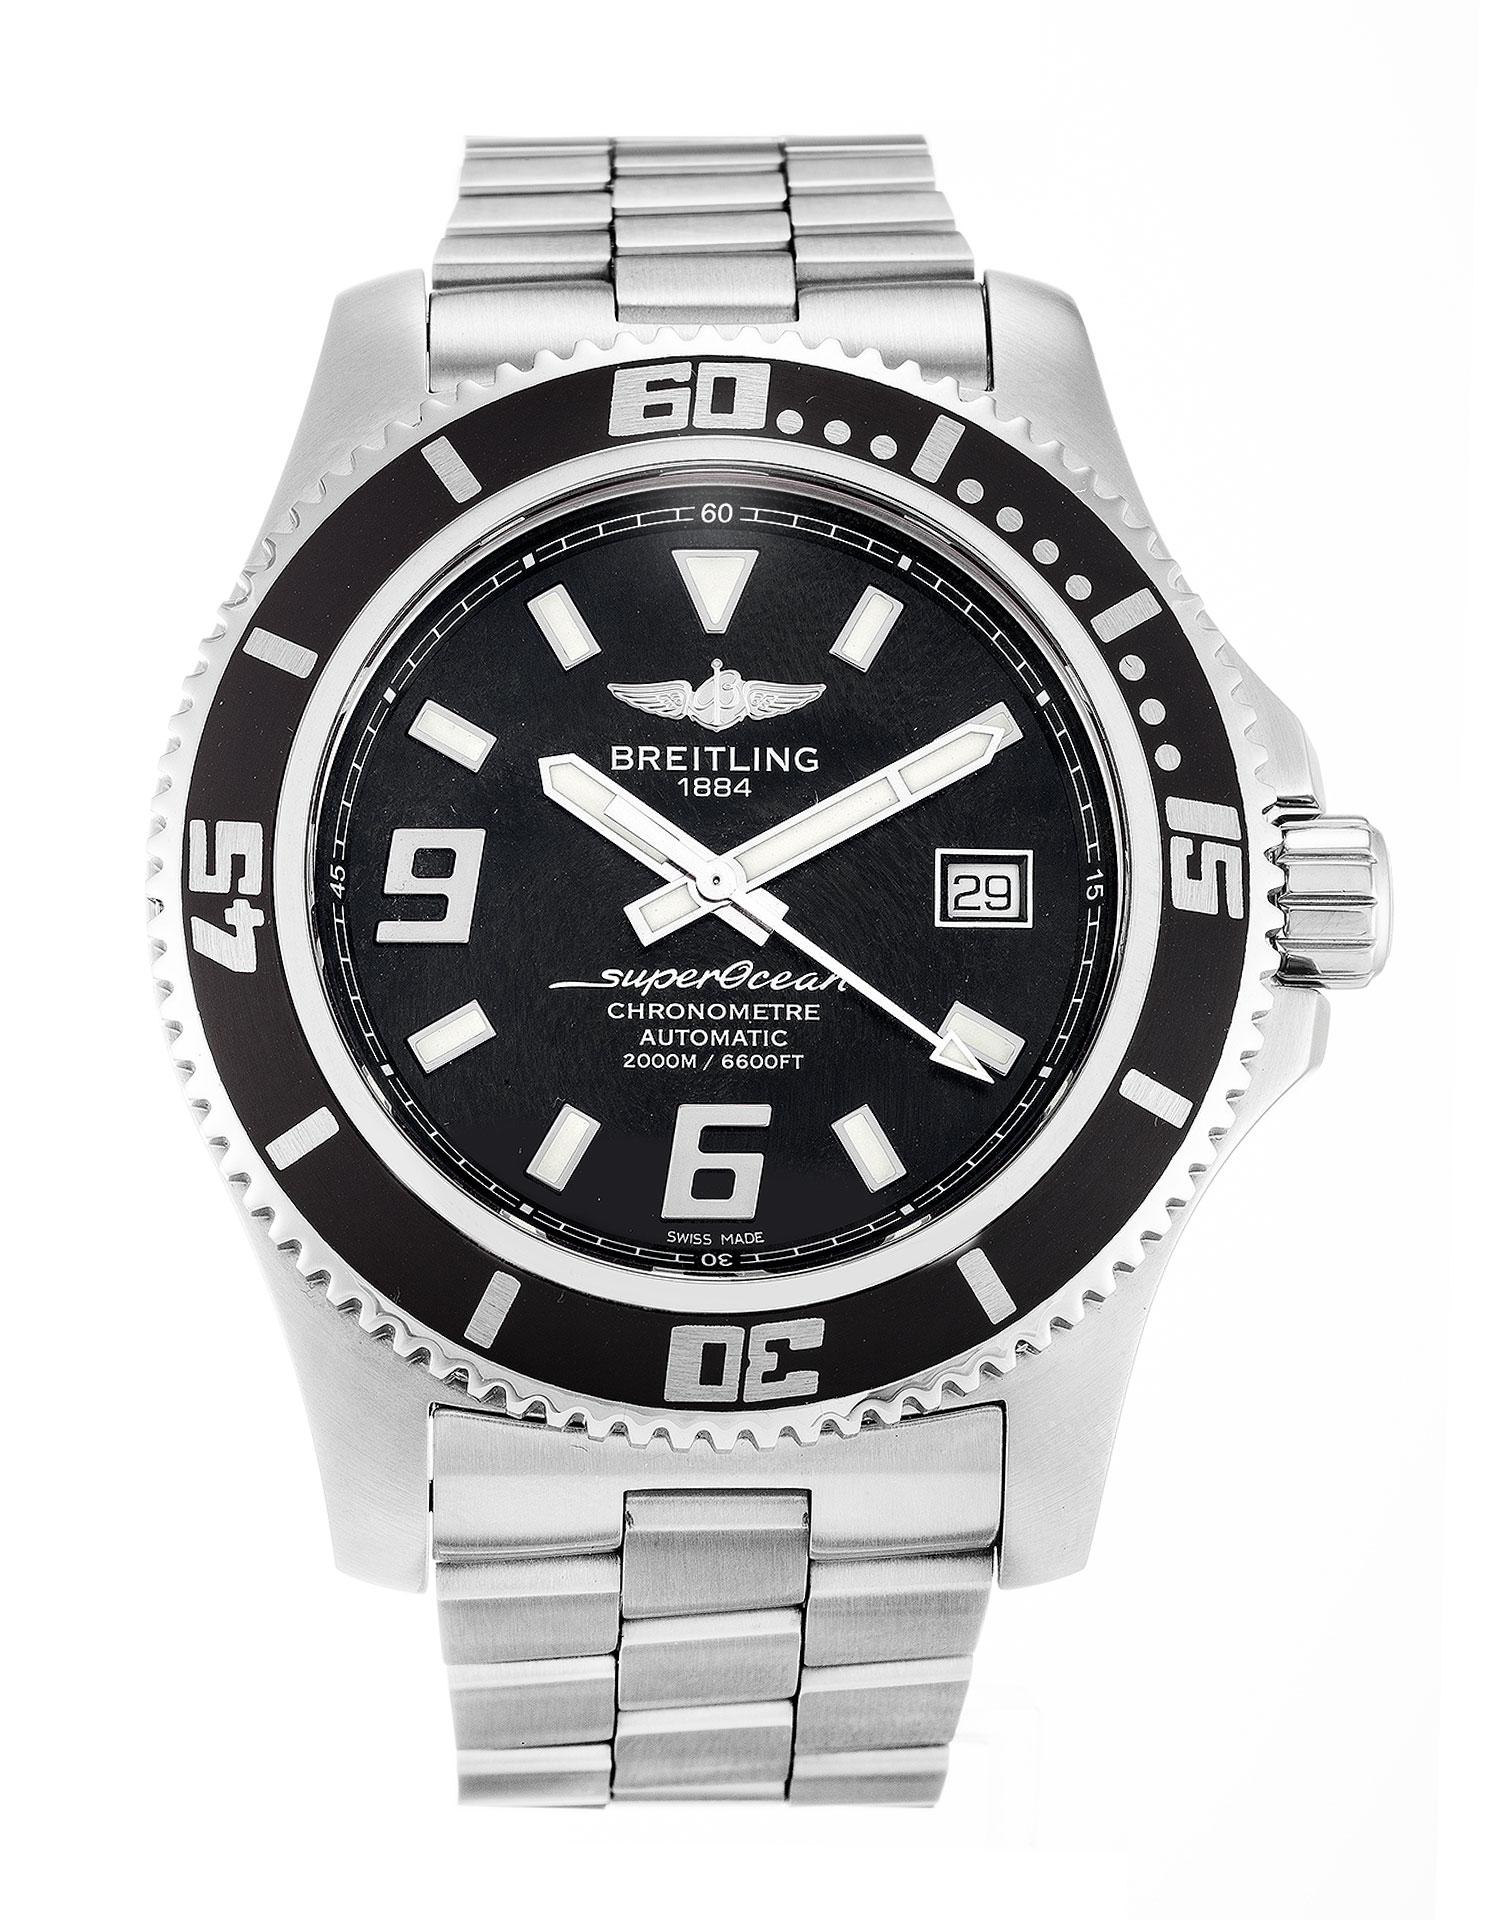 lujo falso Breitling superocean 44 reloj especial nuevas variaciones